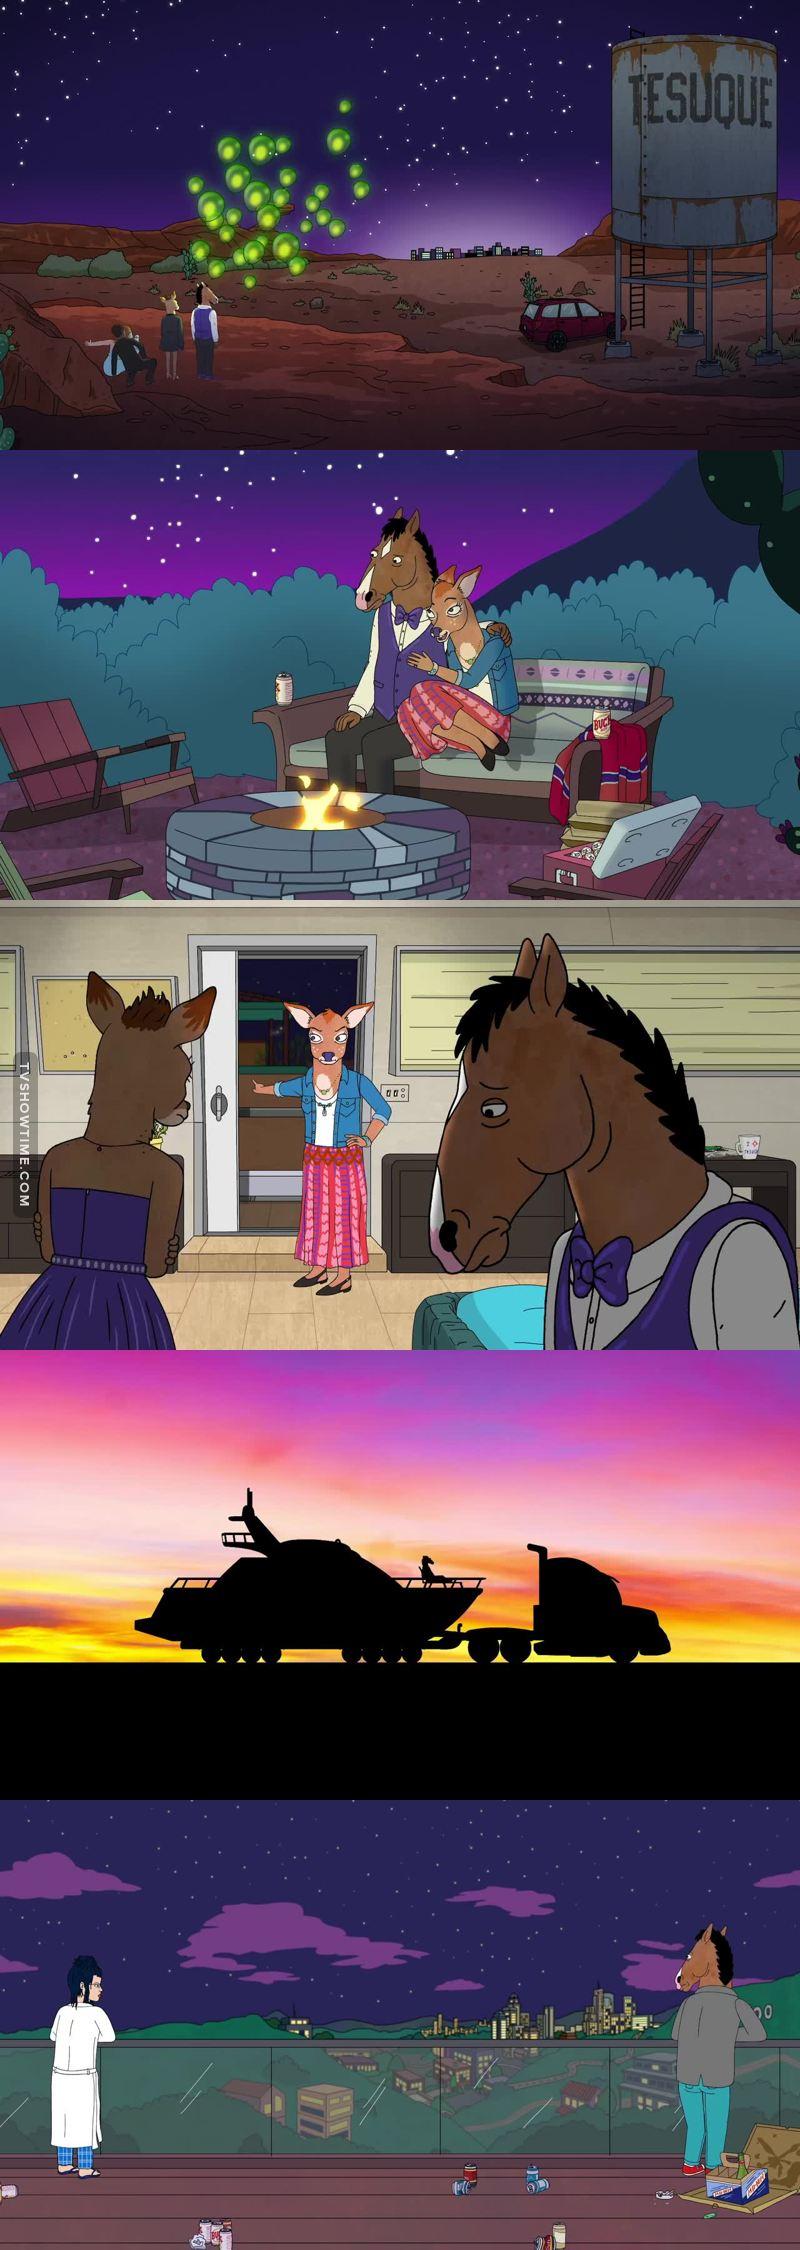 Uno degli episodi migliori fin qui! BoJack è veramente l'antieroe per eccellenza, immorale, stronzo, egoista, ma penso che tutti almeno una volta ci siamo riconosciuti in lui! Fantastica serie, non mi stancherò mai di dirlo!